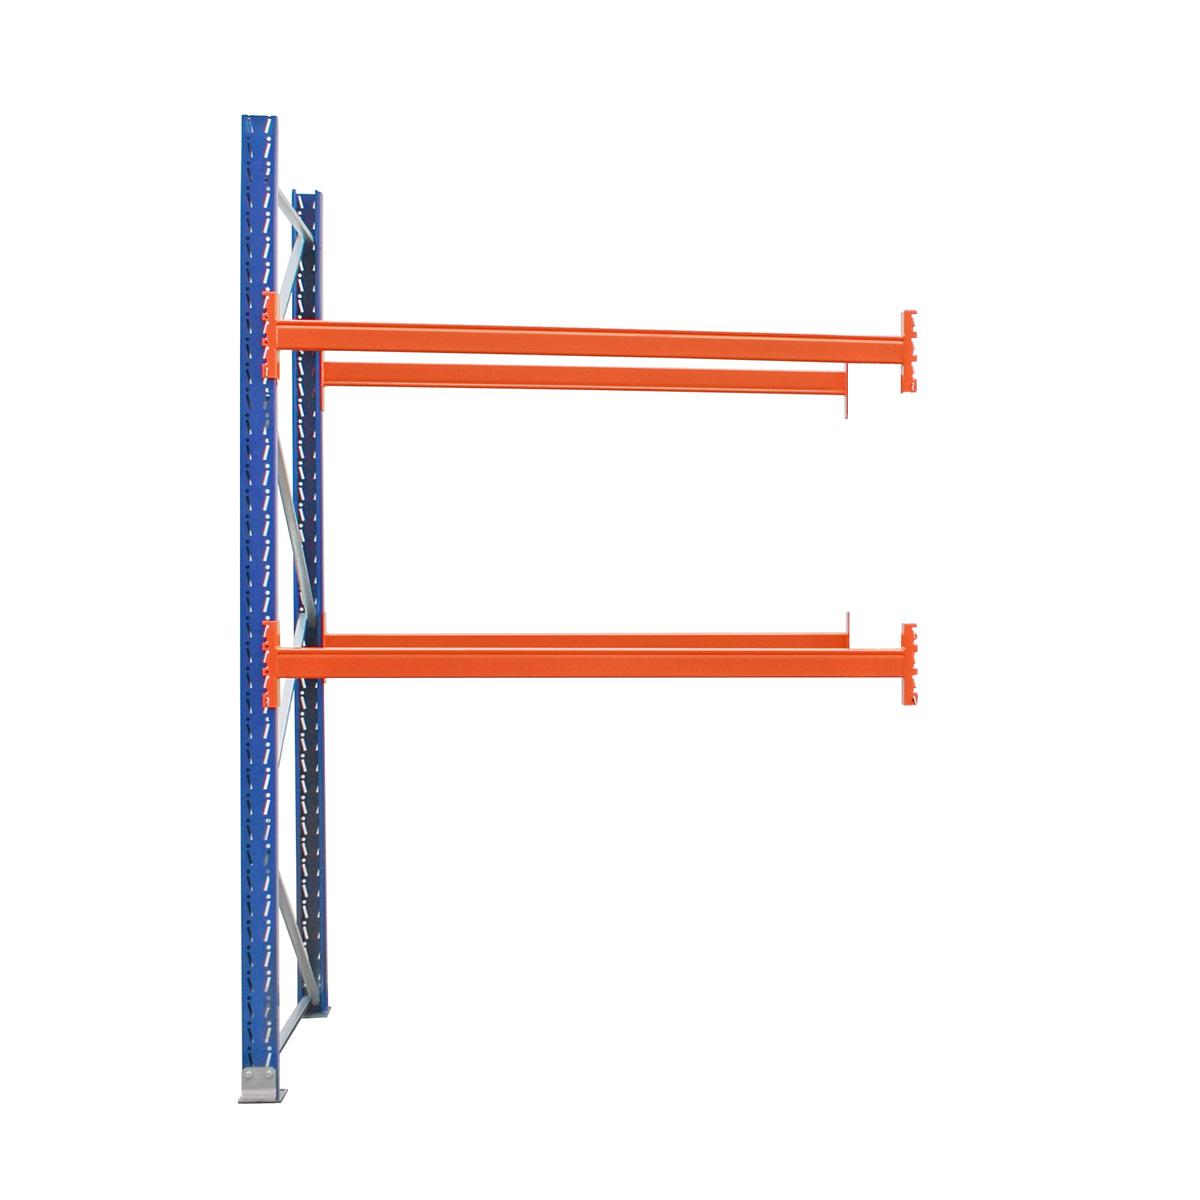 Palettenregal System SL - Anbauregal H 2,73 x T 1,1 x L 1,80 m